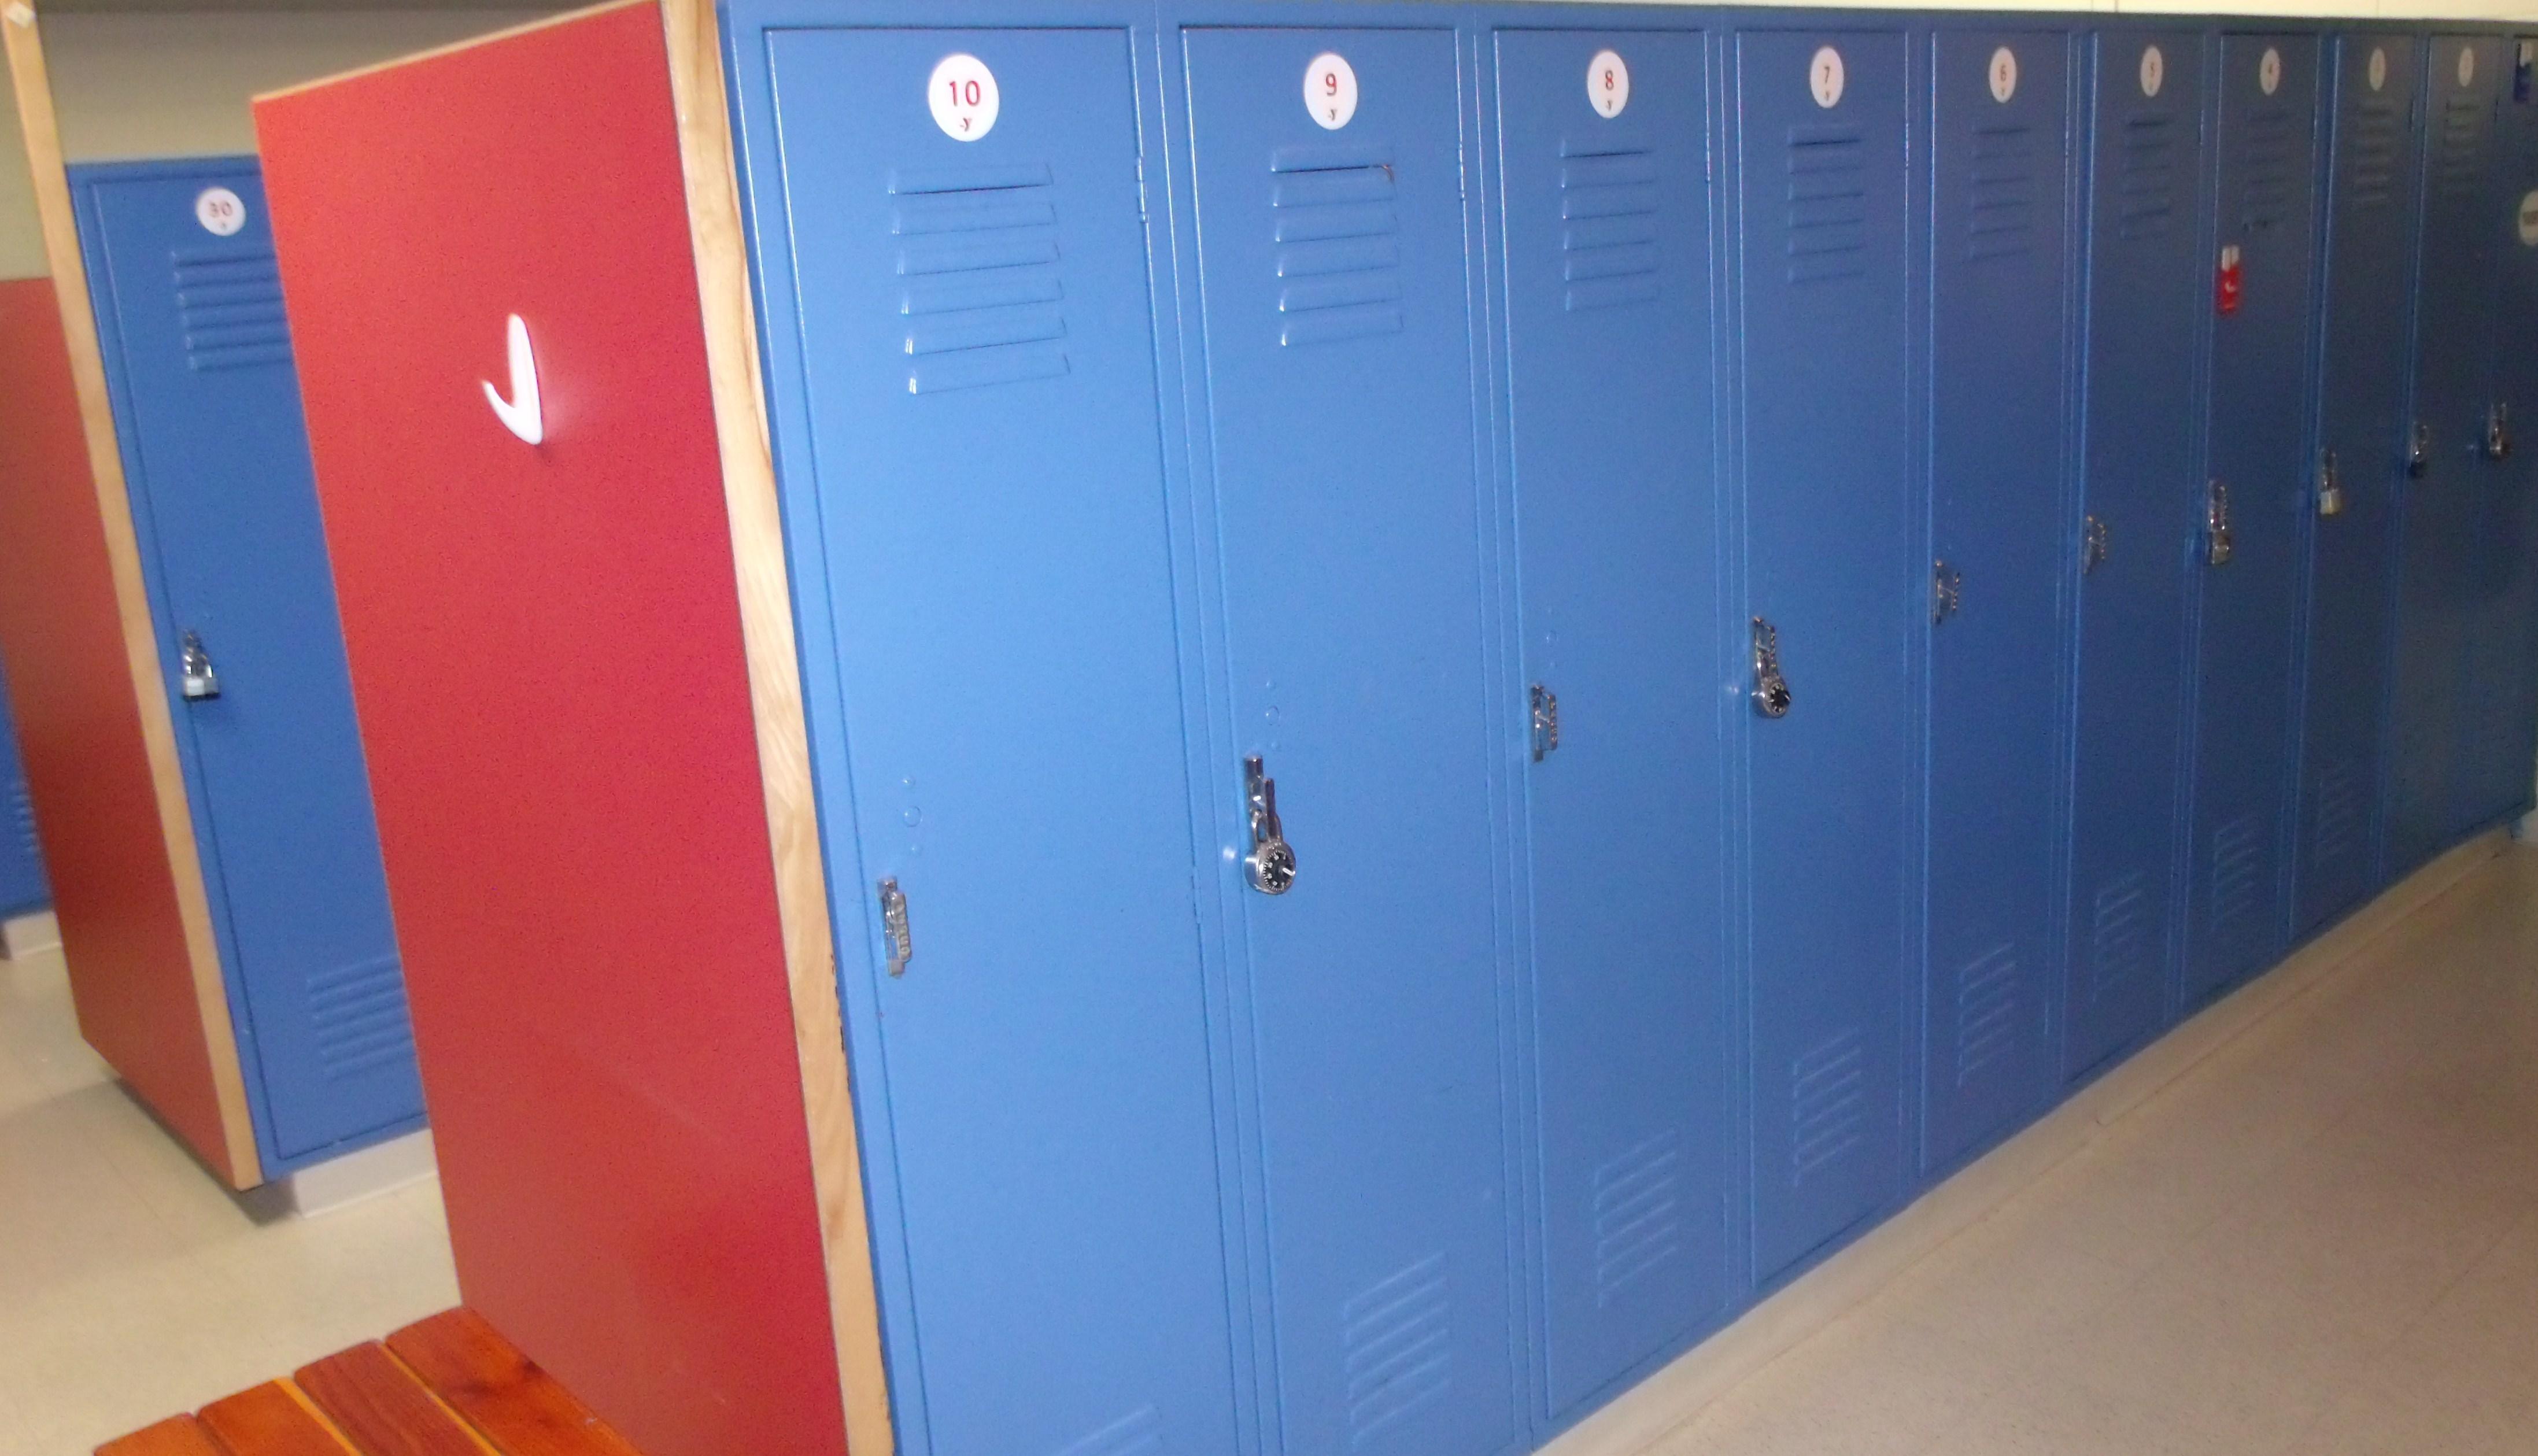 Spfld, MA YMCA locker room 1